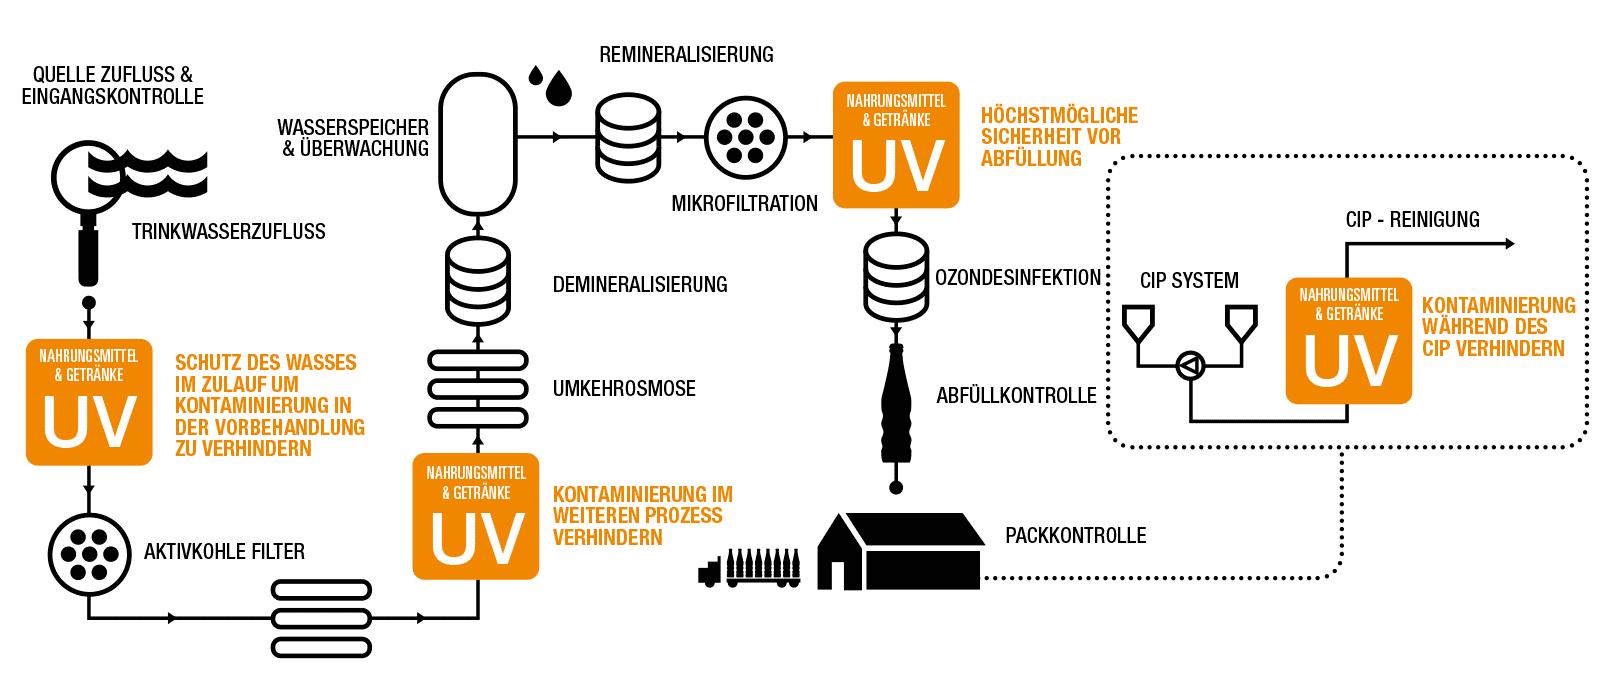 Mögliche Anordnung von UV-Systemen in einem typischen Lebensmittel- & Getränkewassersystem.